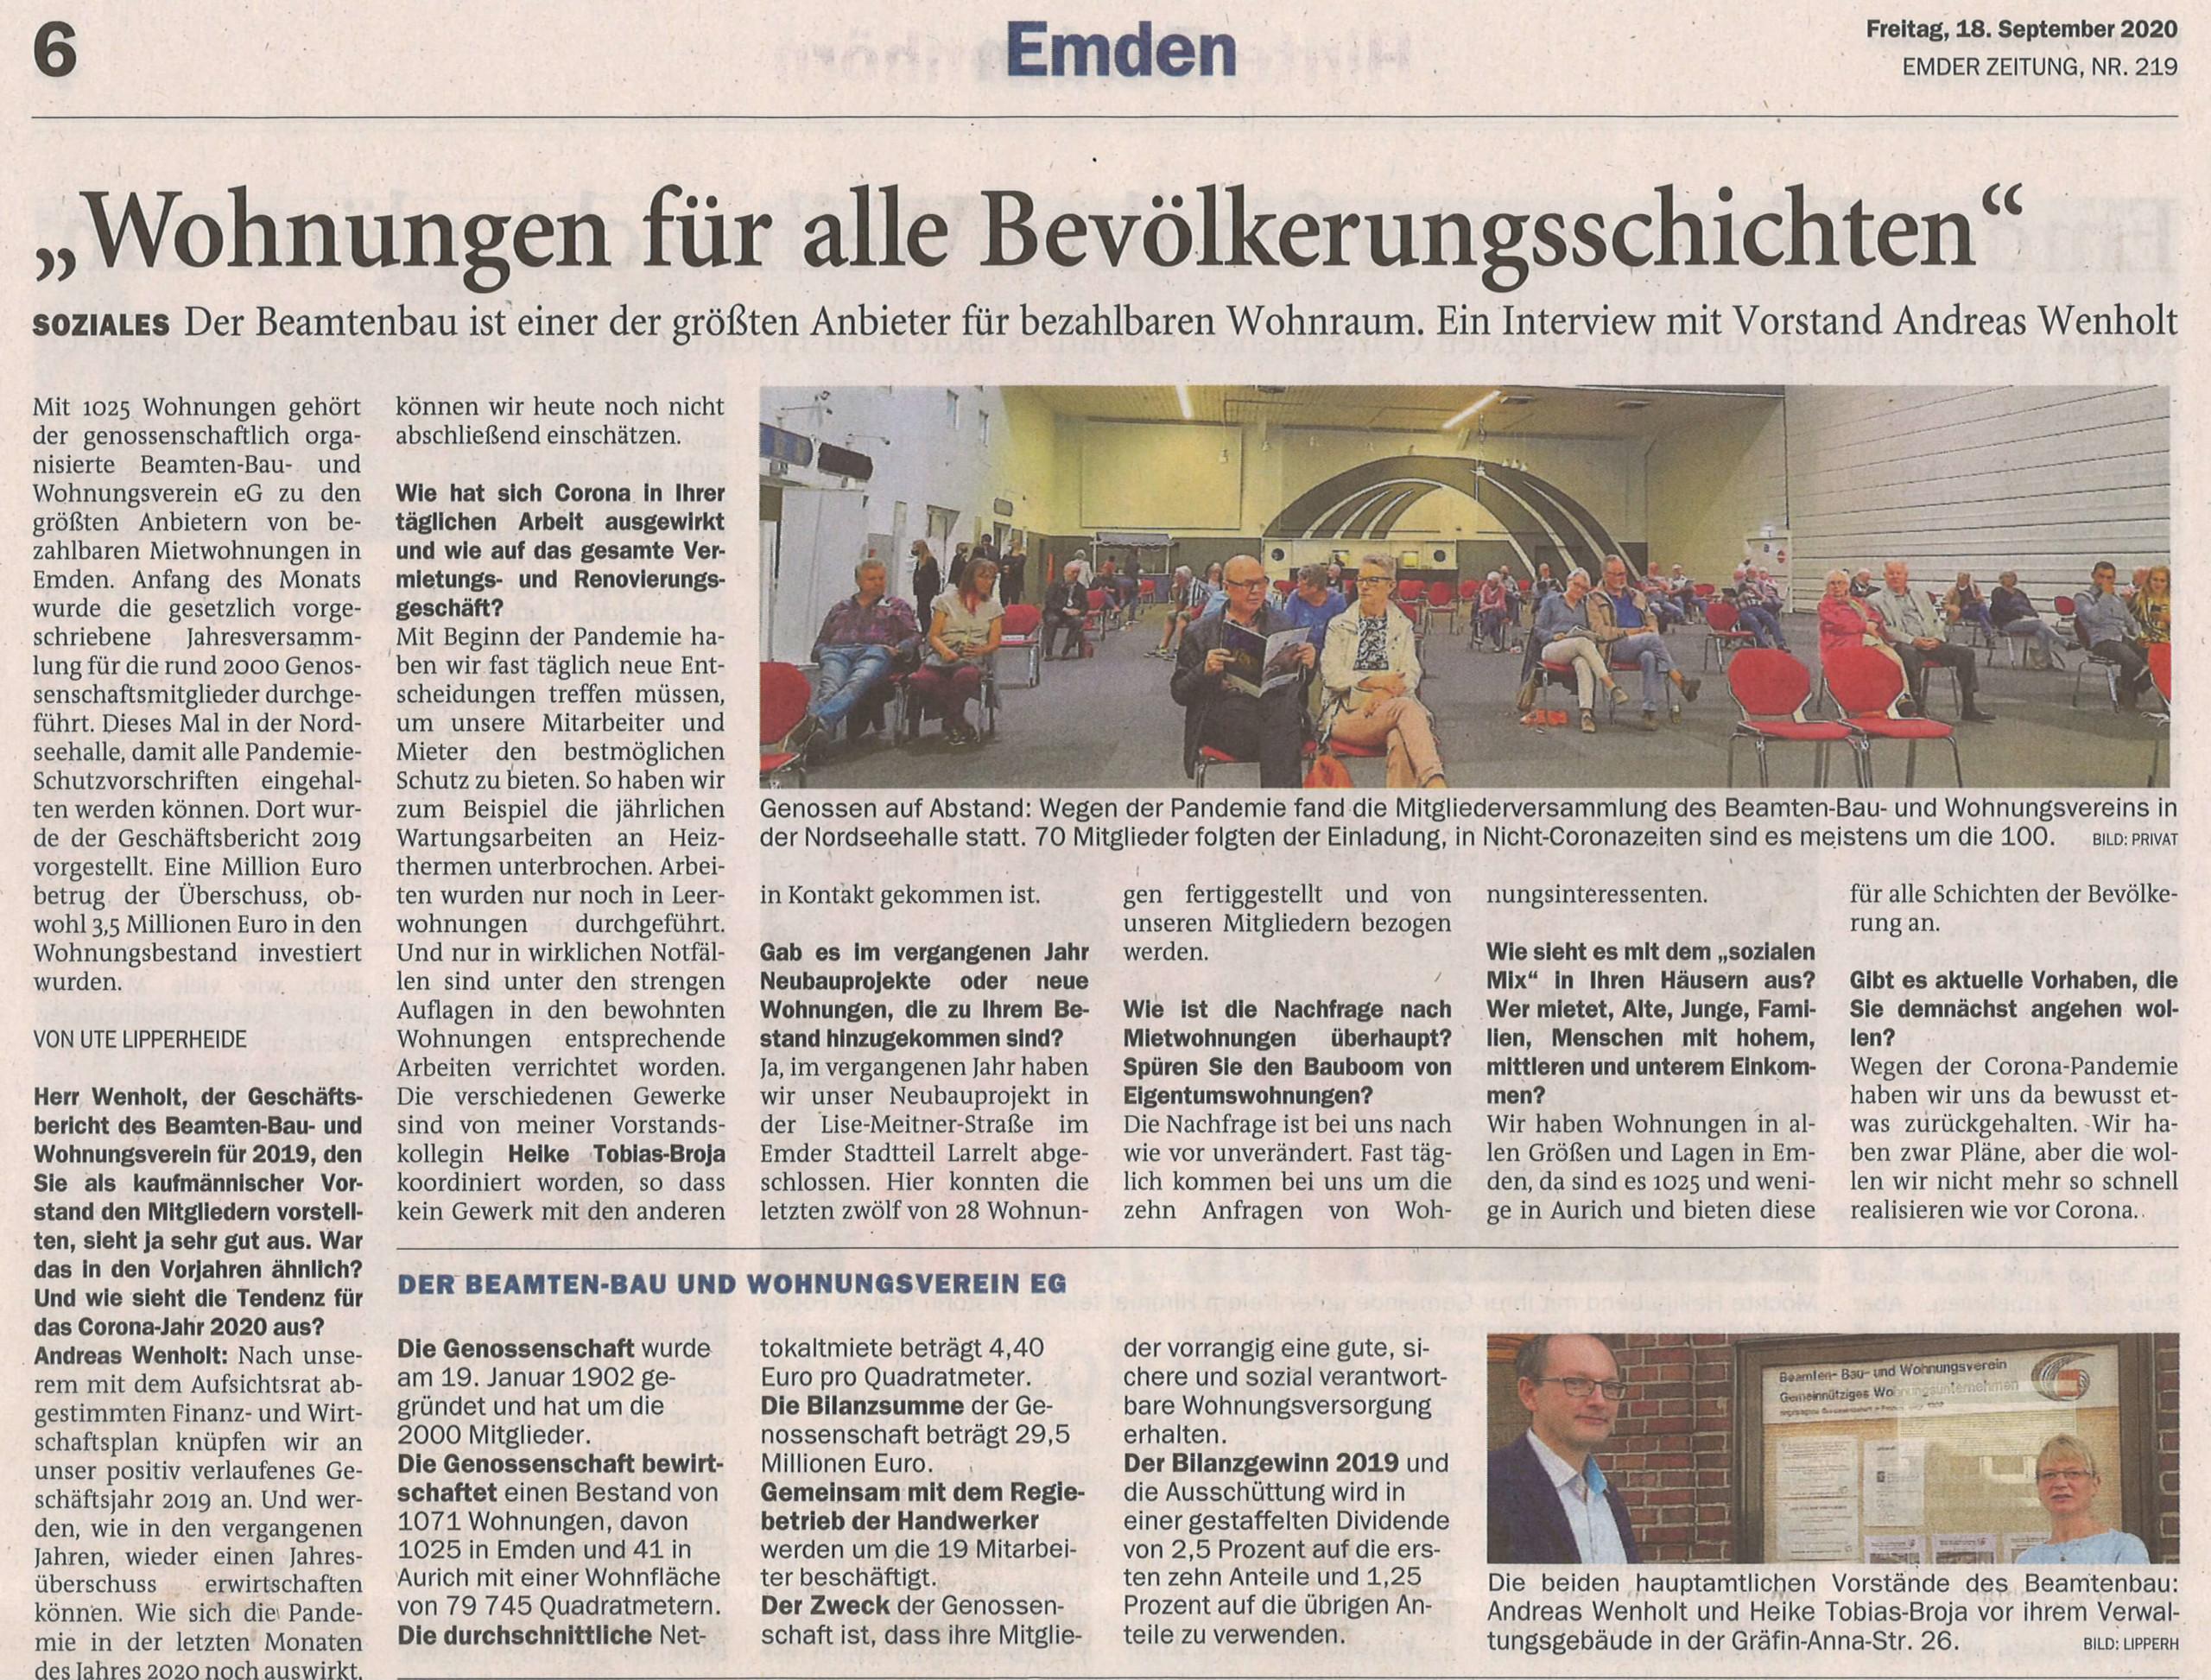 Artikel der Emder Zeitung